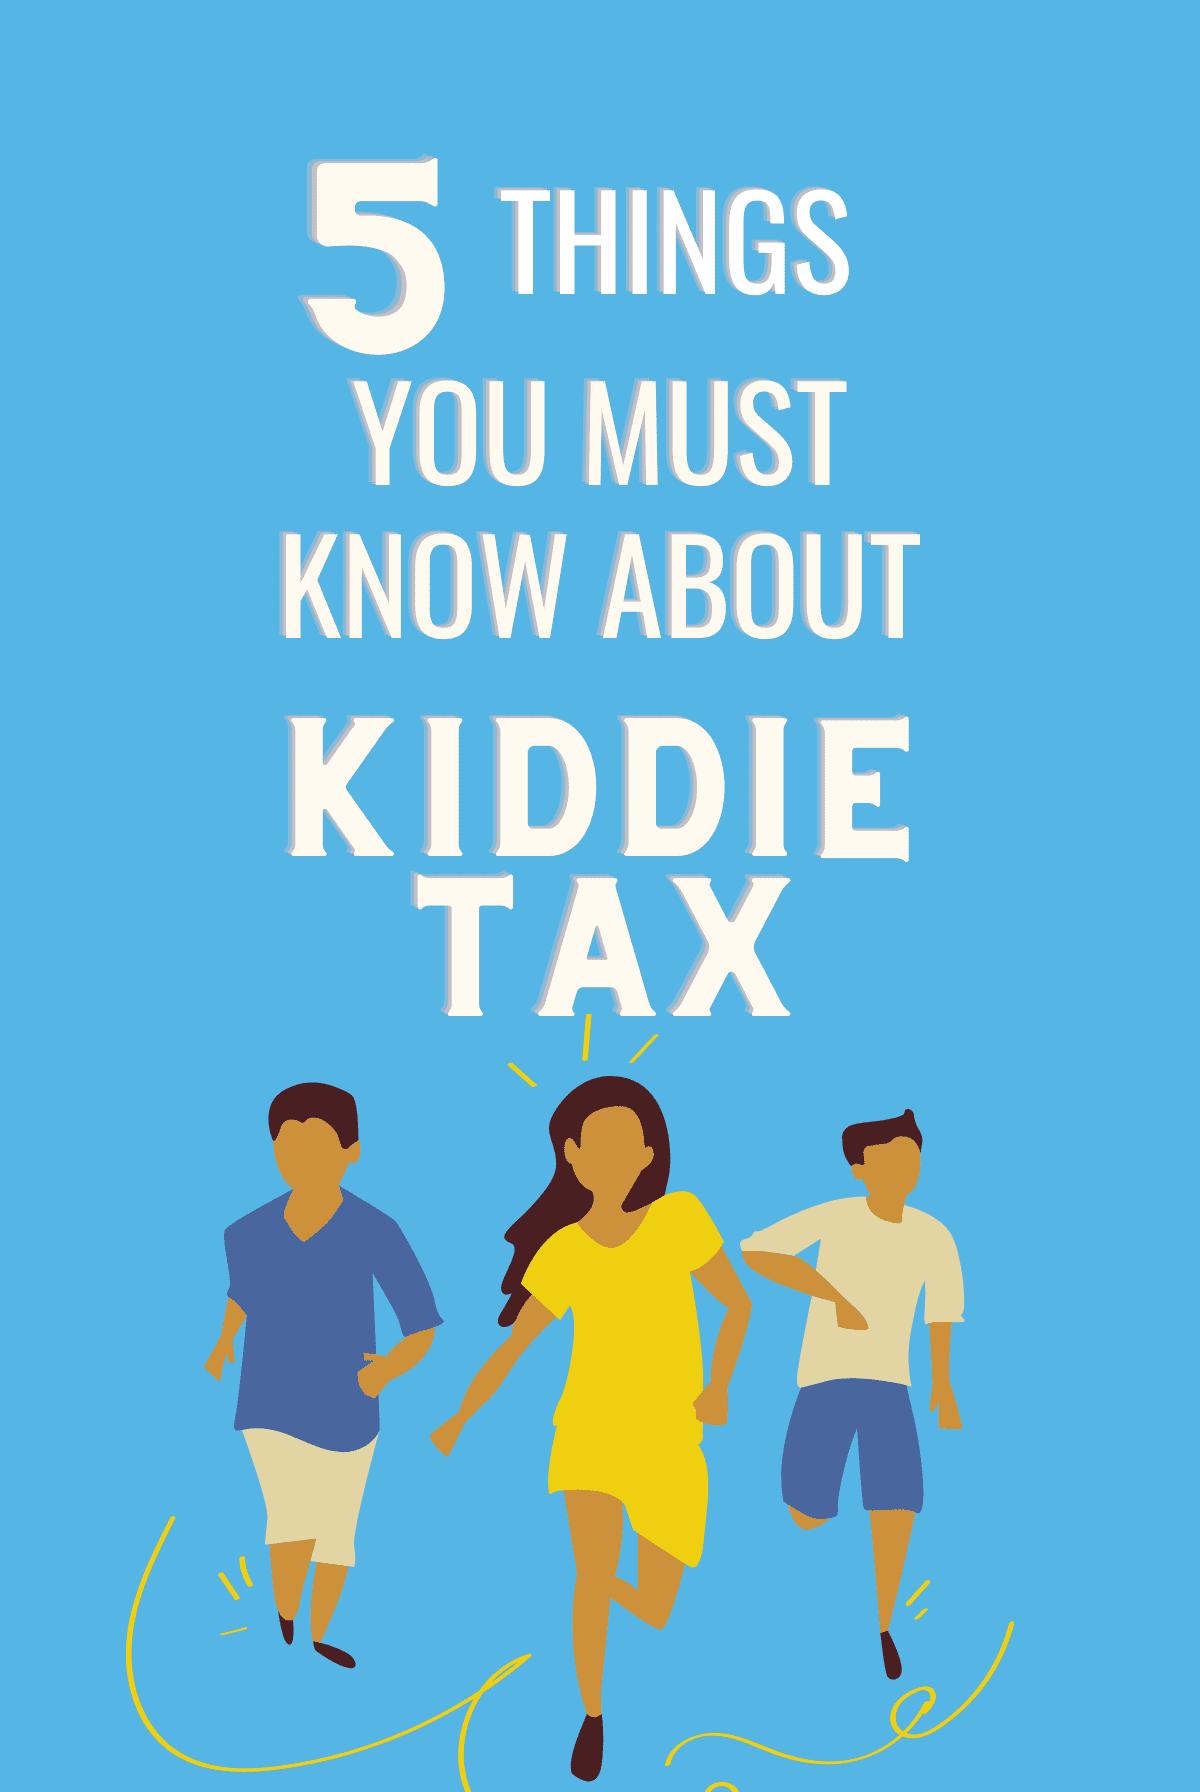 kiddie tax 2020